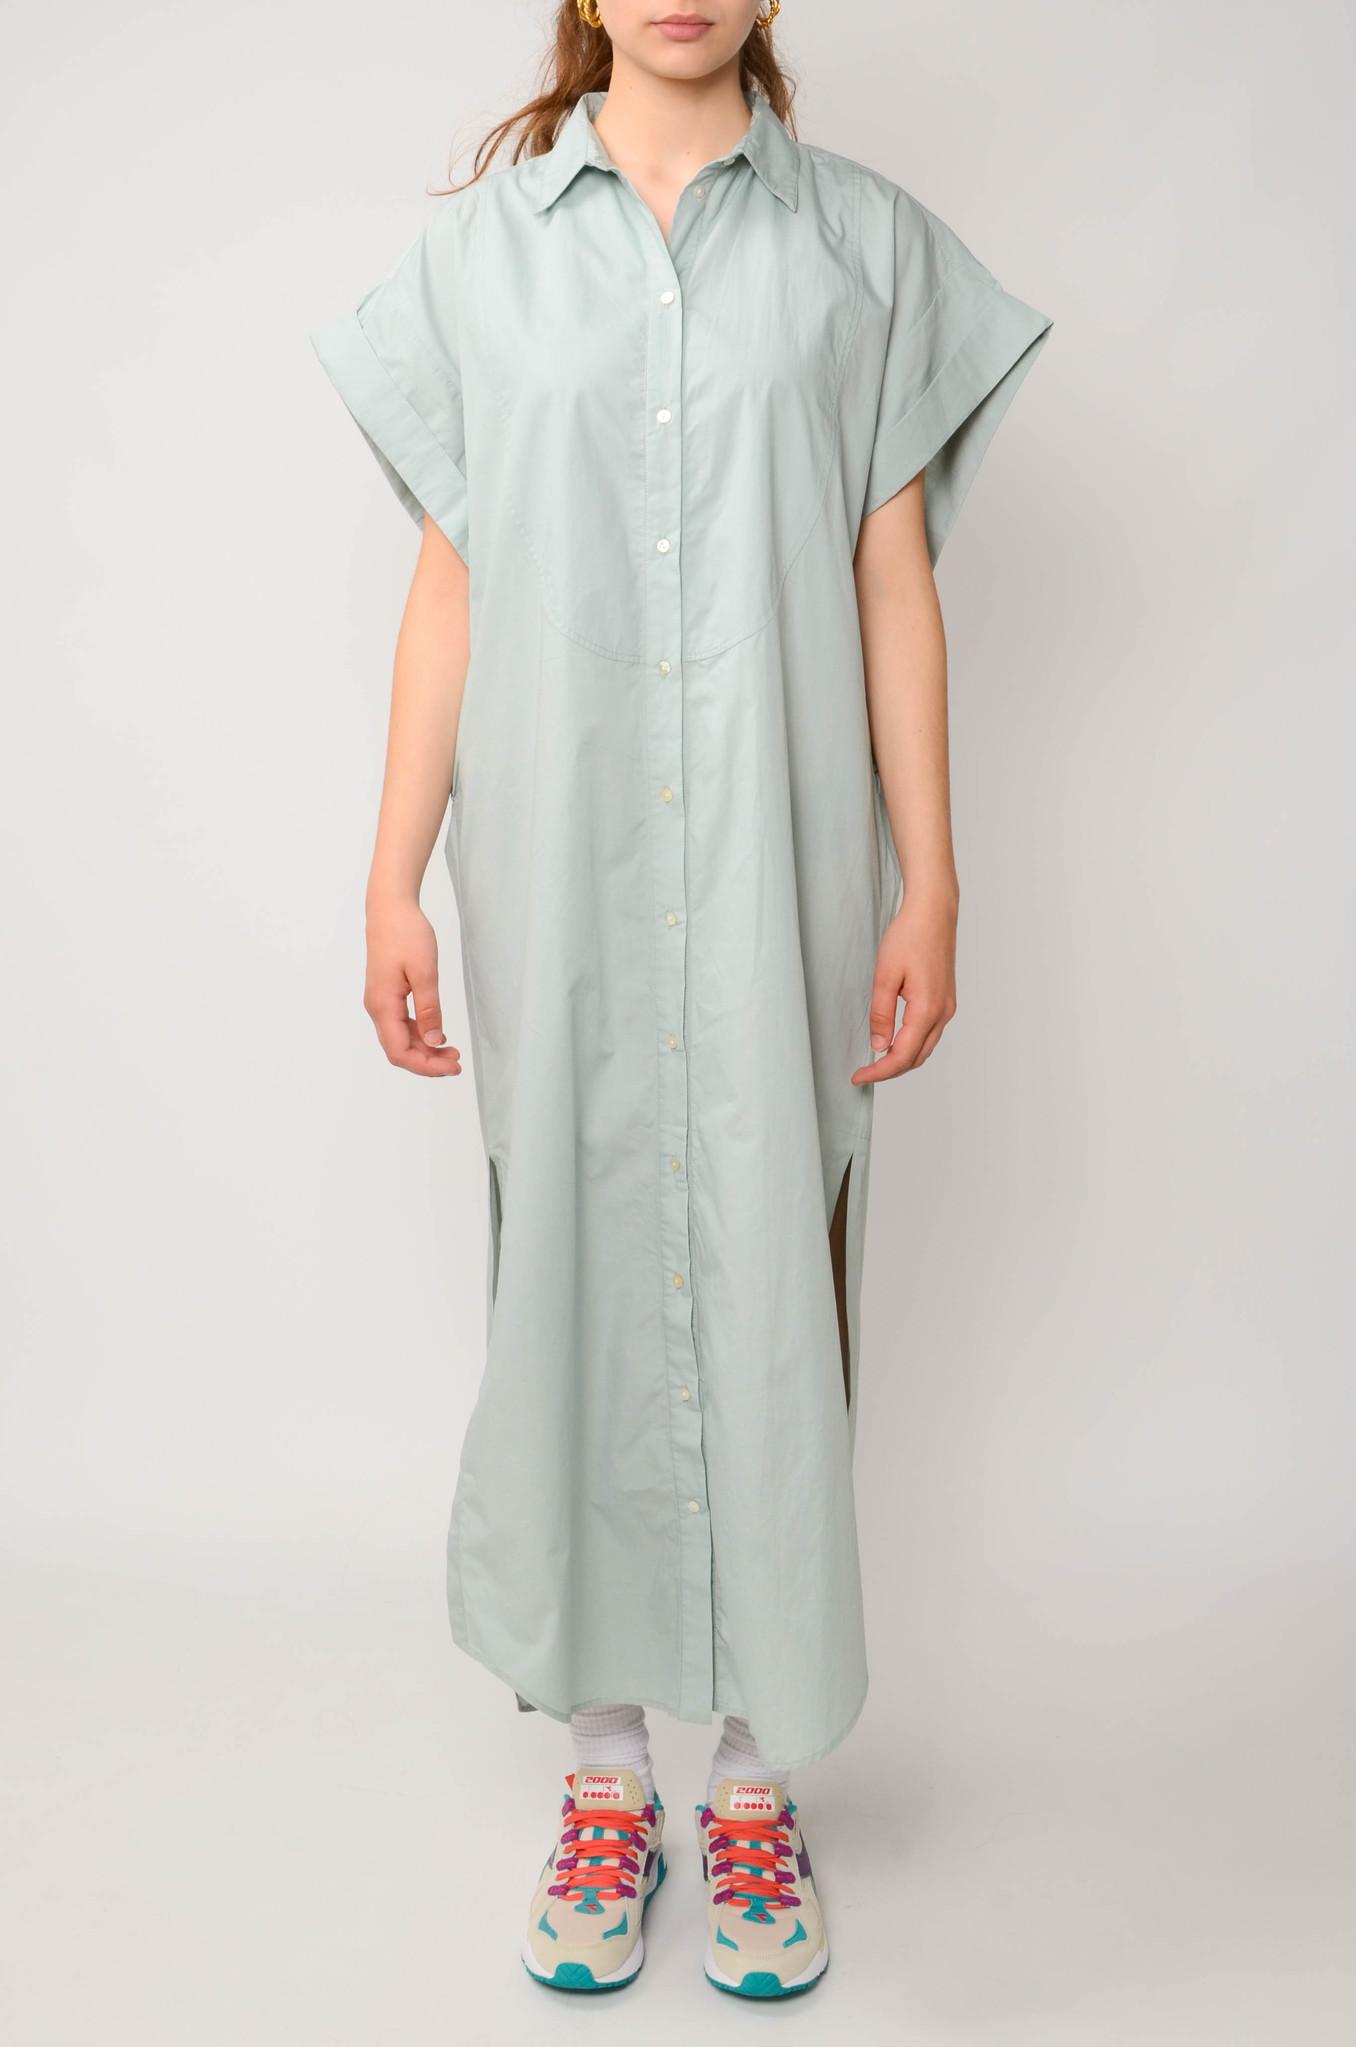 CAYSA SHIRT DRESS-1